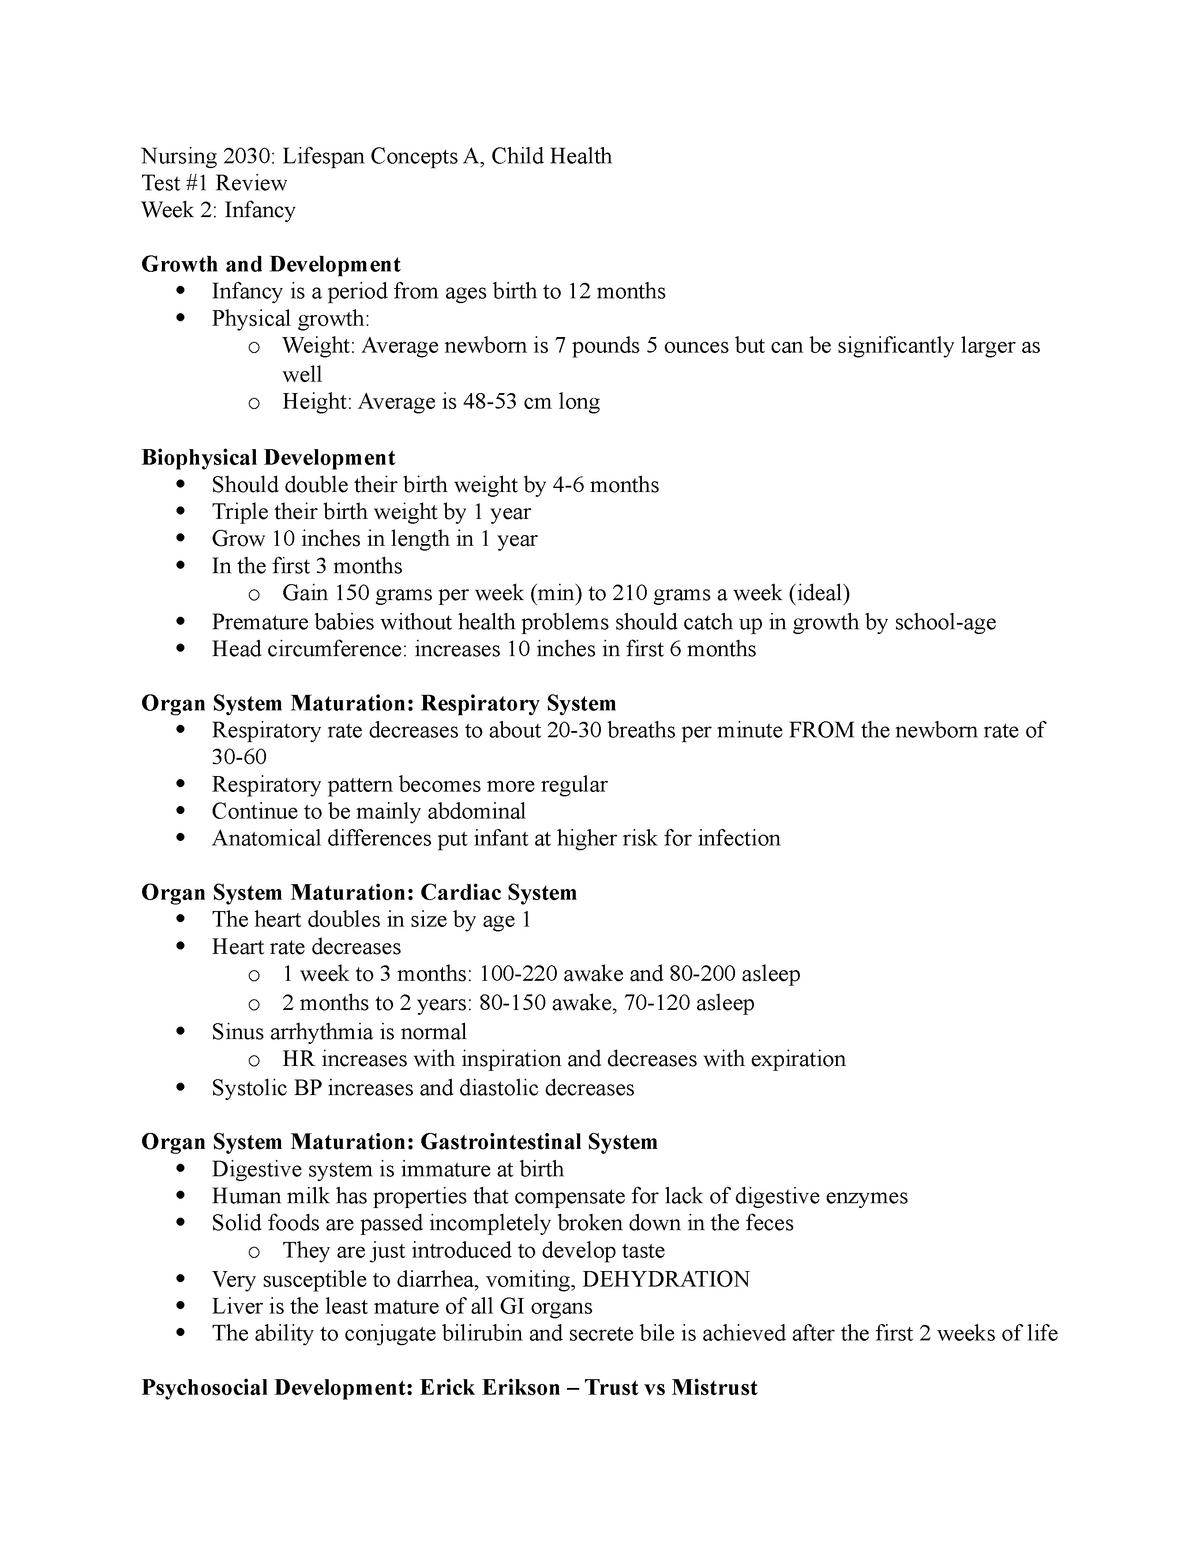 Summary NURS - 3031 NURS - 3031 01 Mar 2019 - StuDocu